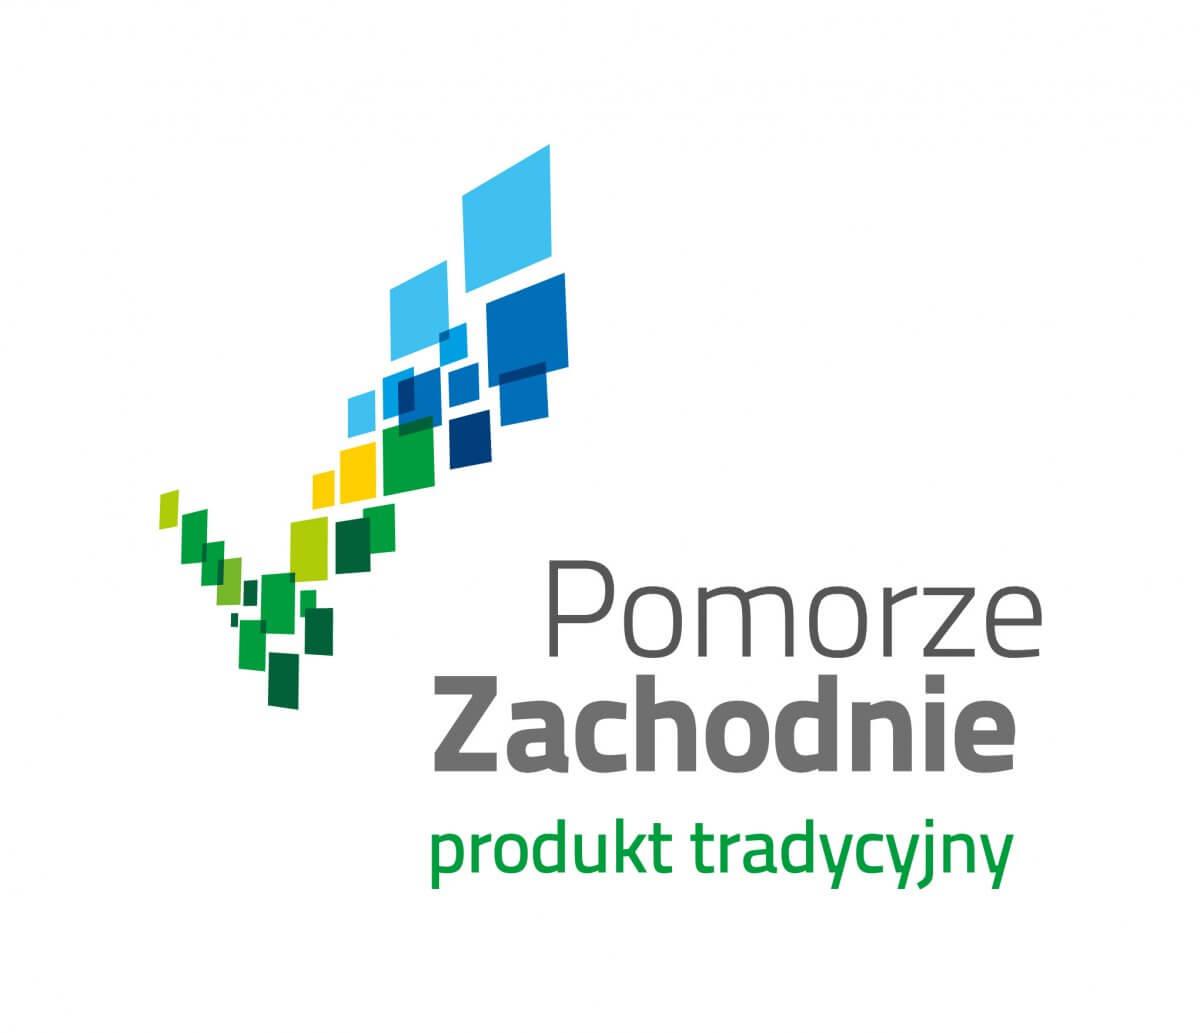 logo pomorza zachodniego produkt lokalny